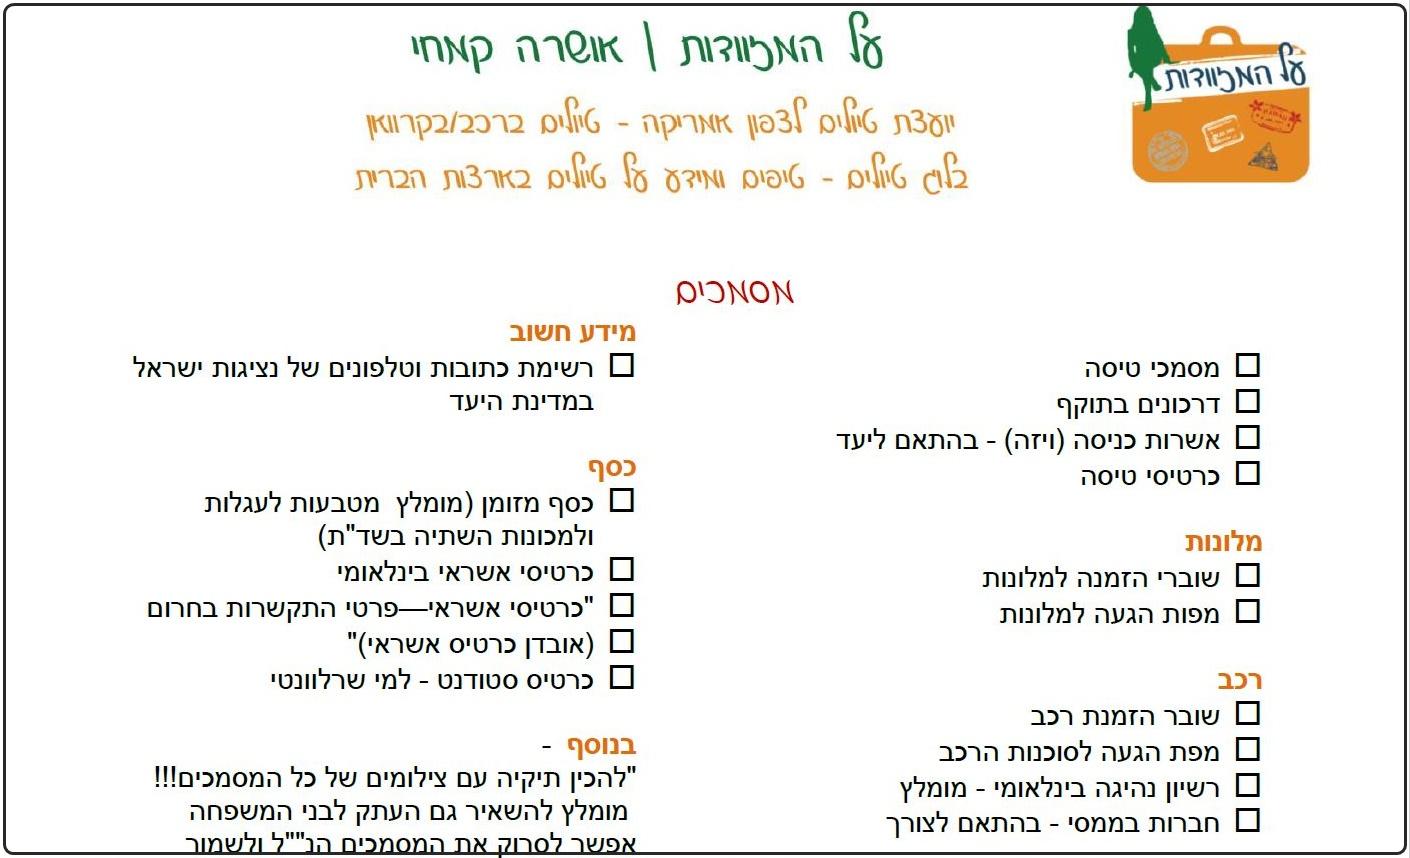 PDF - רשימת ציוד מלאה ומקיפה לטיול בחול